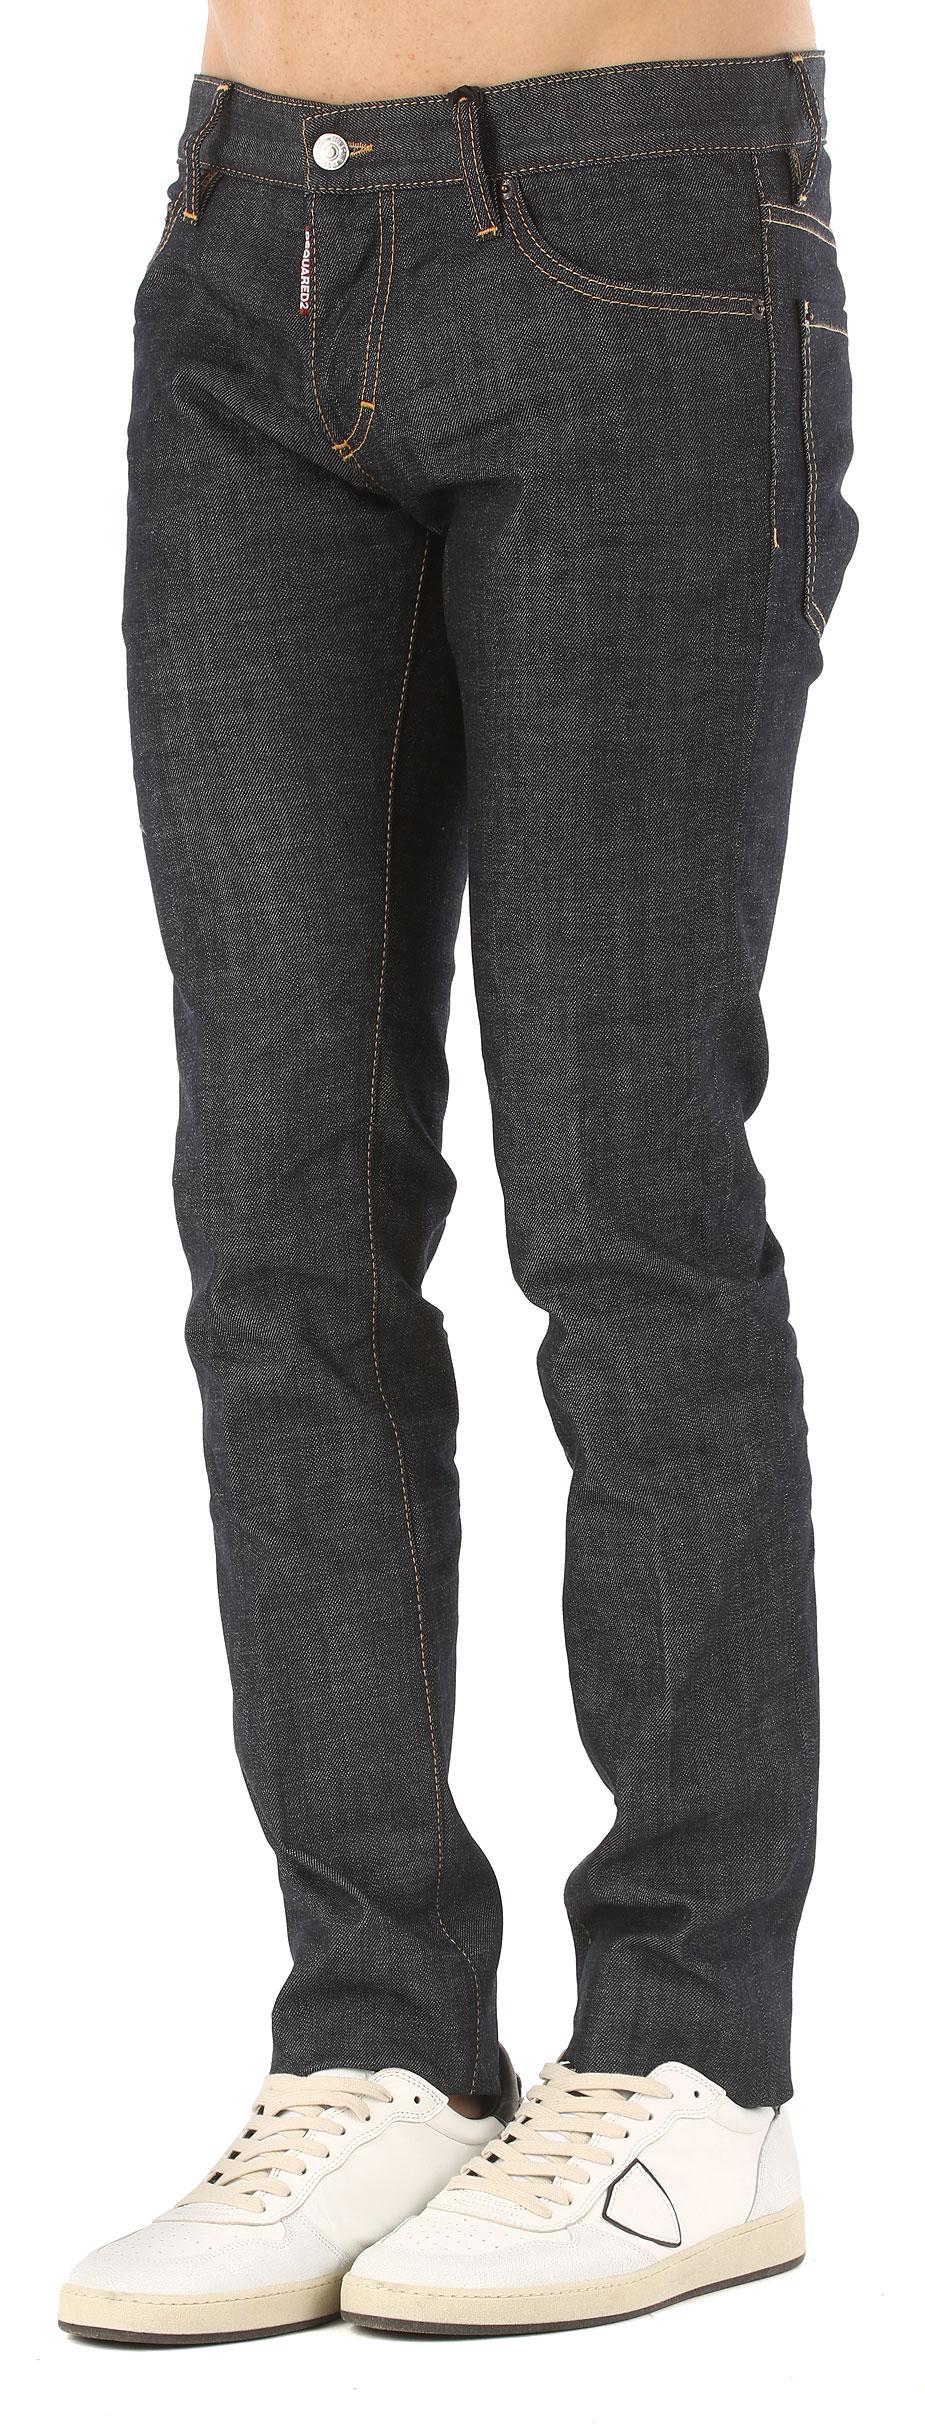 Abbigliamento Uomo Dsquared, Codice Articolo: lb0110-s30144-470